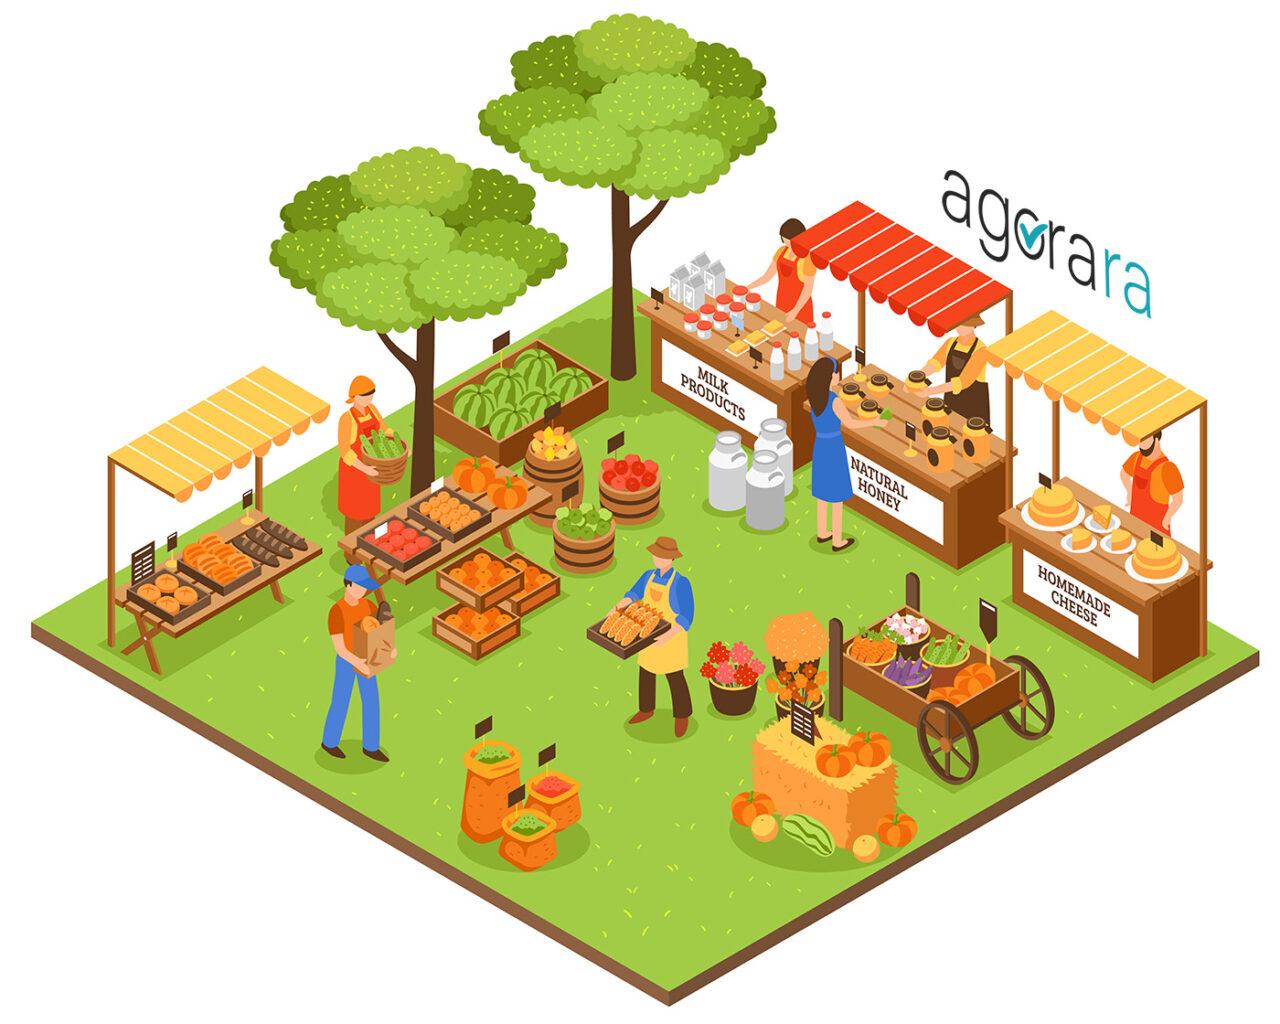 About us - trade-market - agorara.com